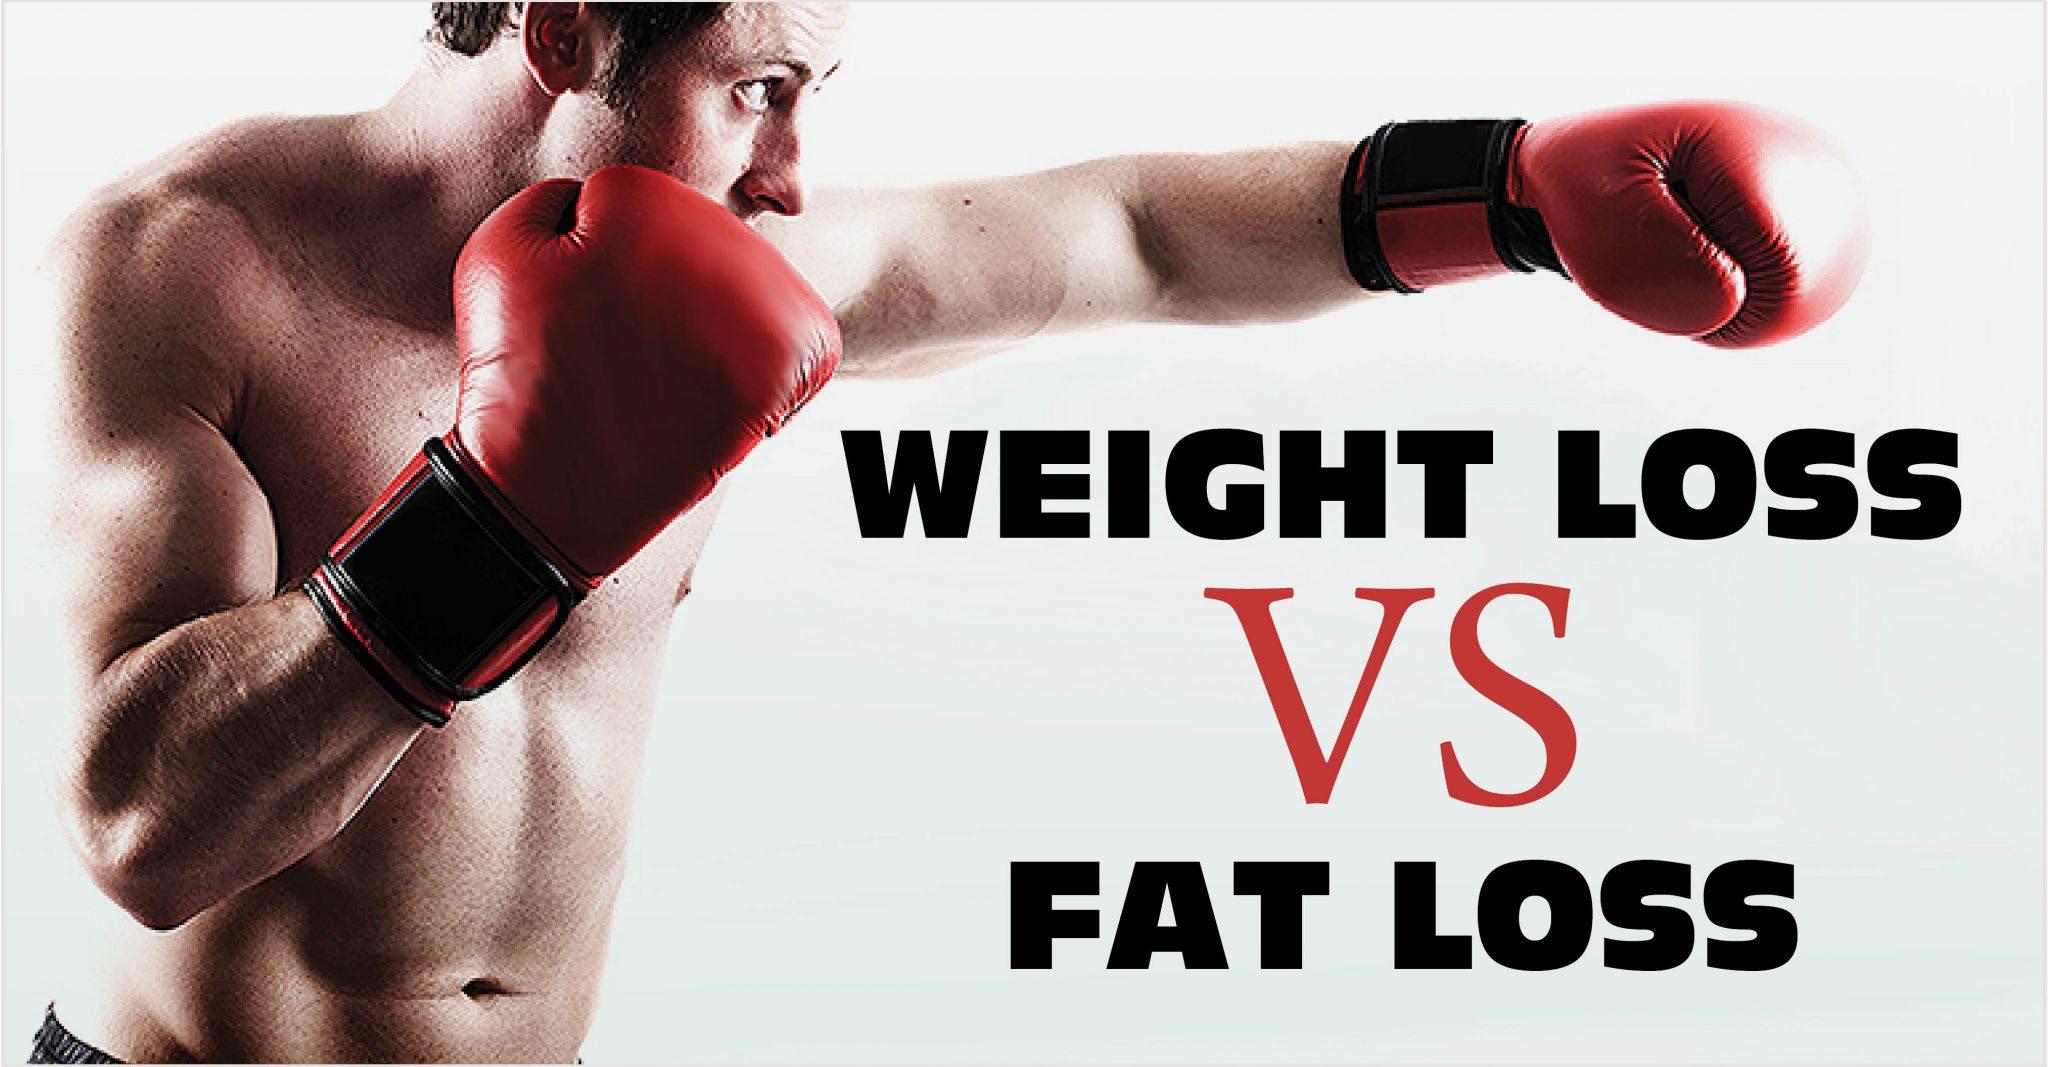 cumpără t3 pentru pierderea în greutate cum să slăbești pe șolduri